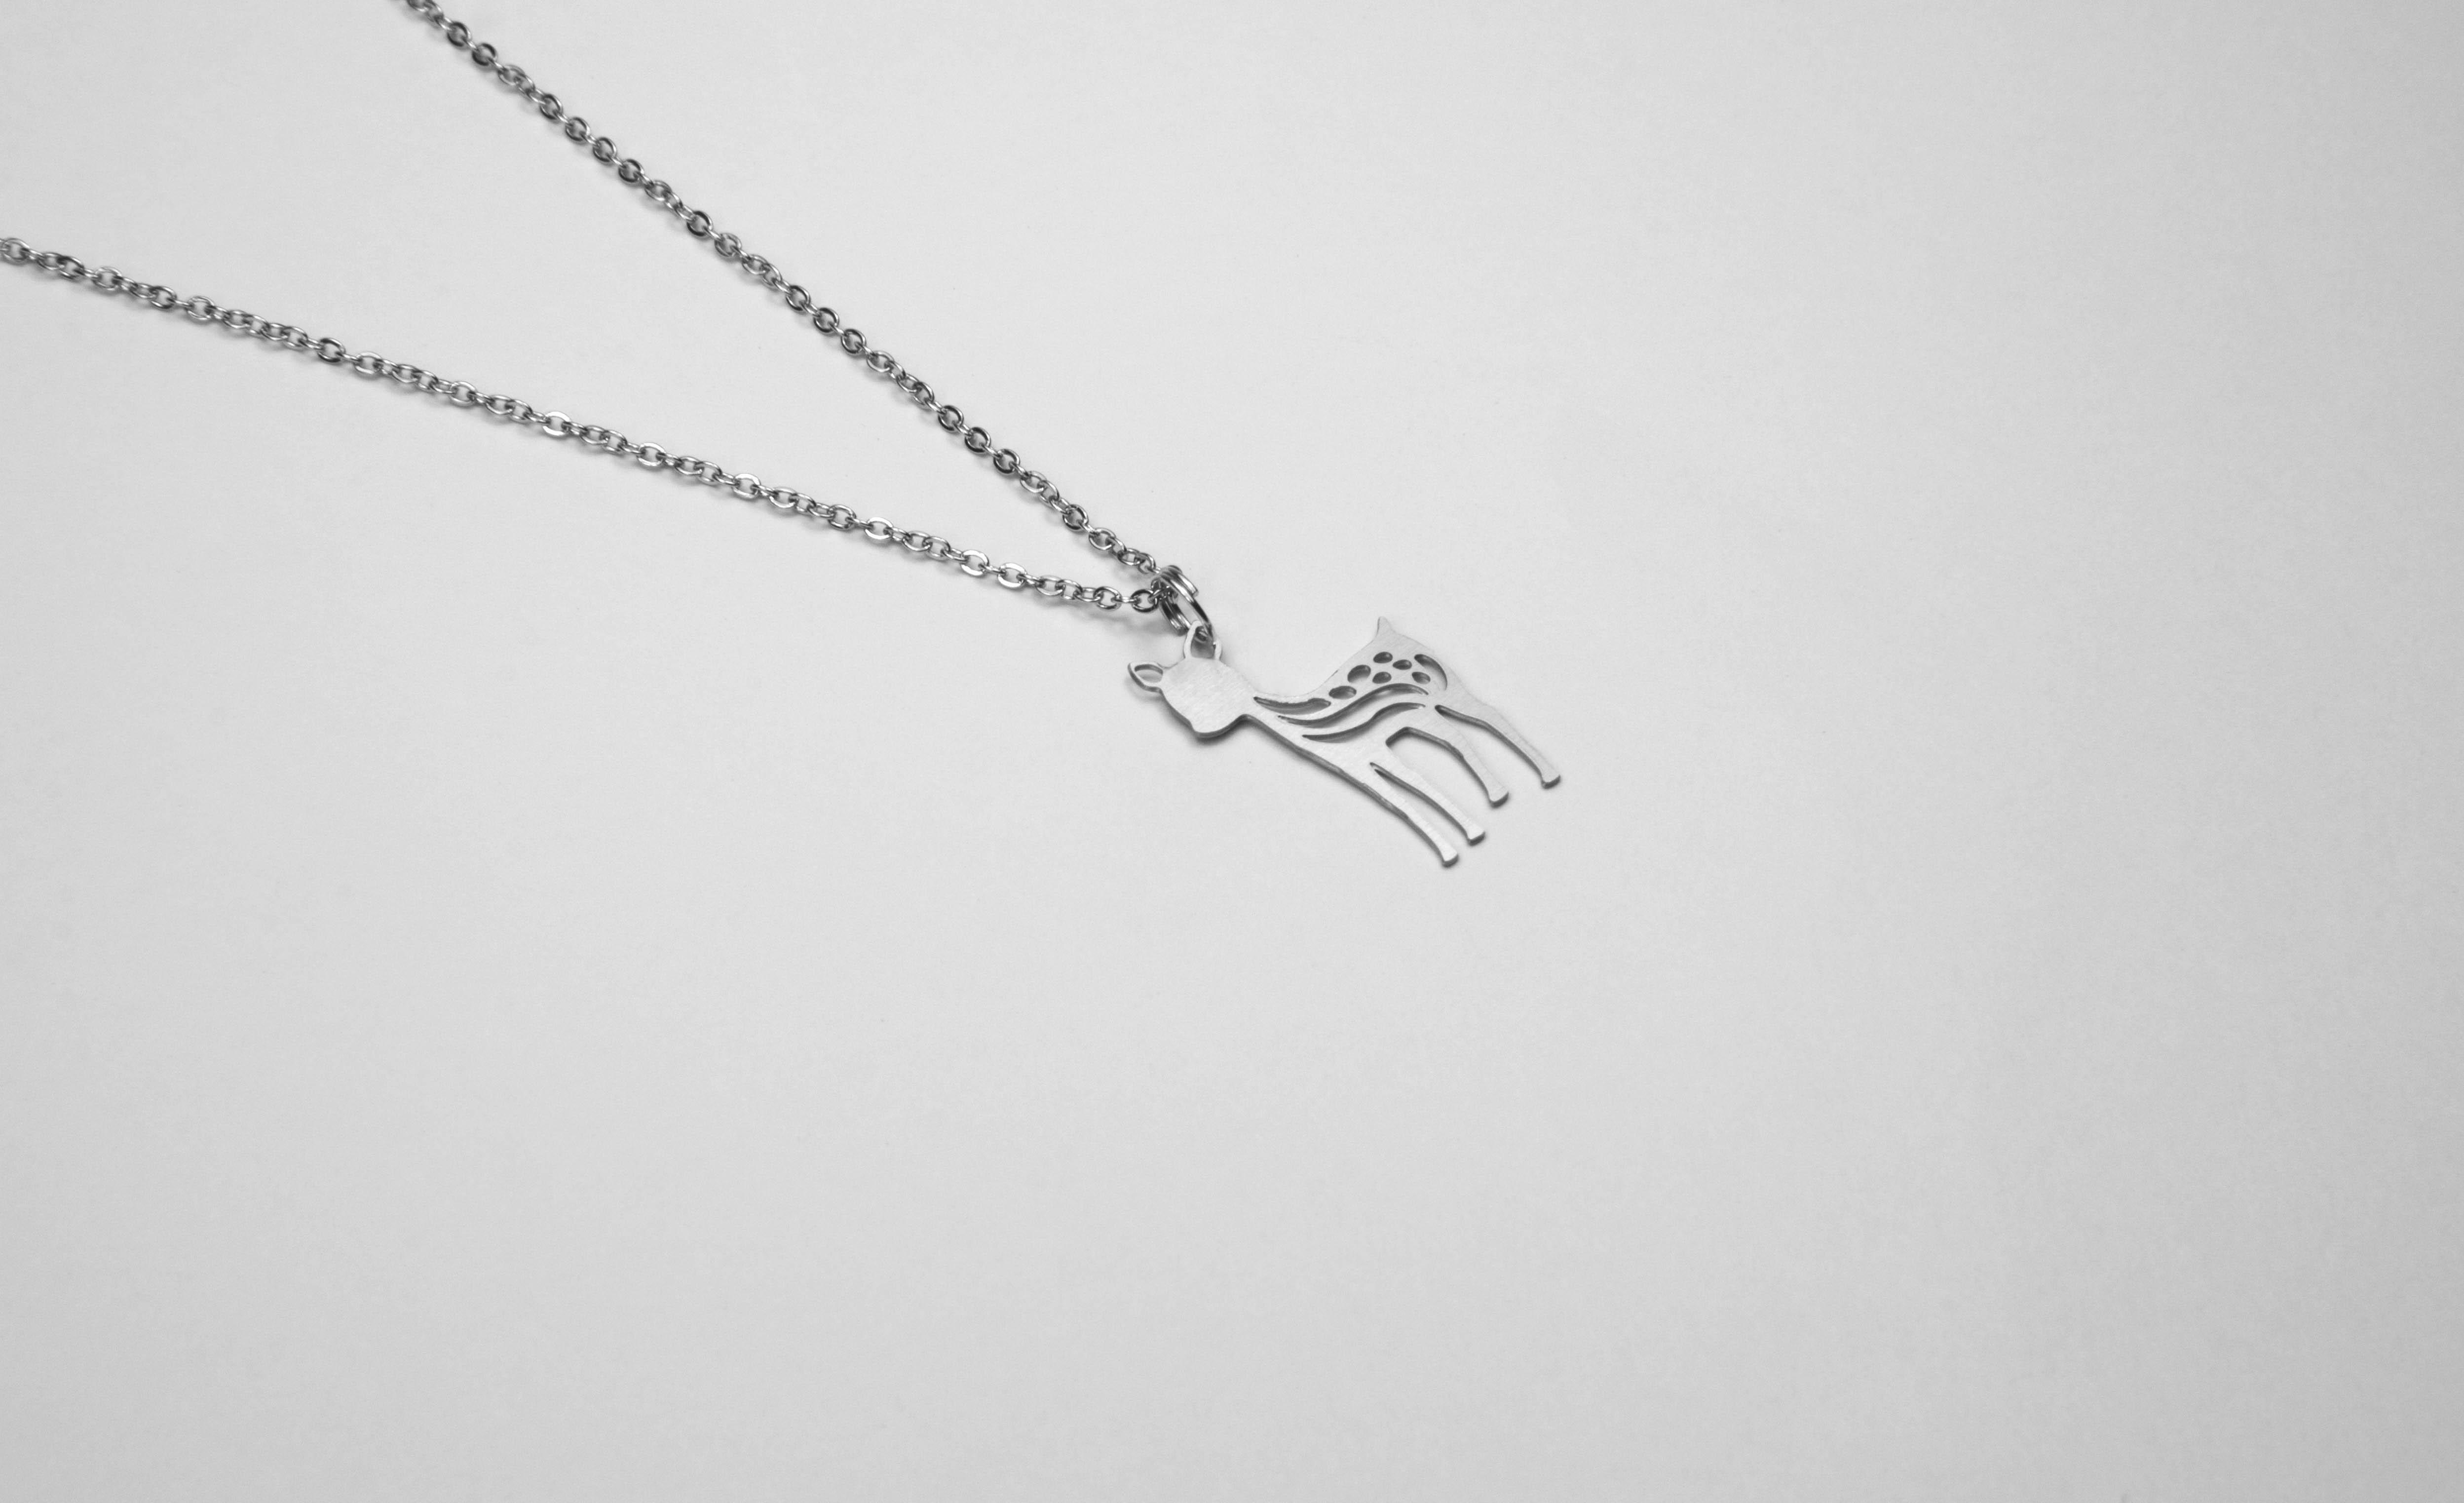 小鹿項鍊【迷你款】_動物系列_造題